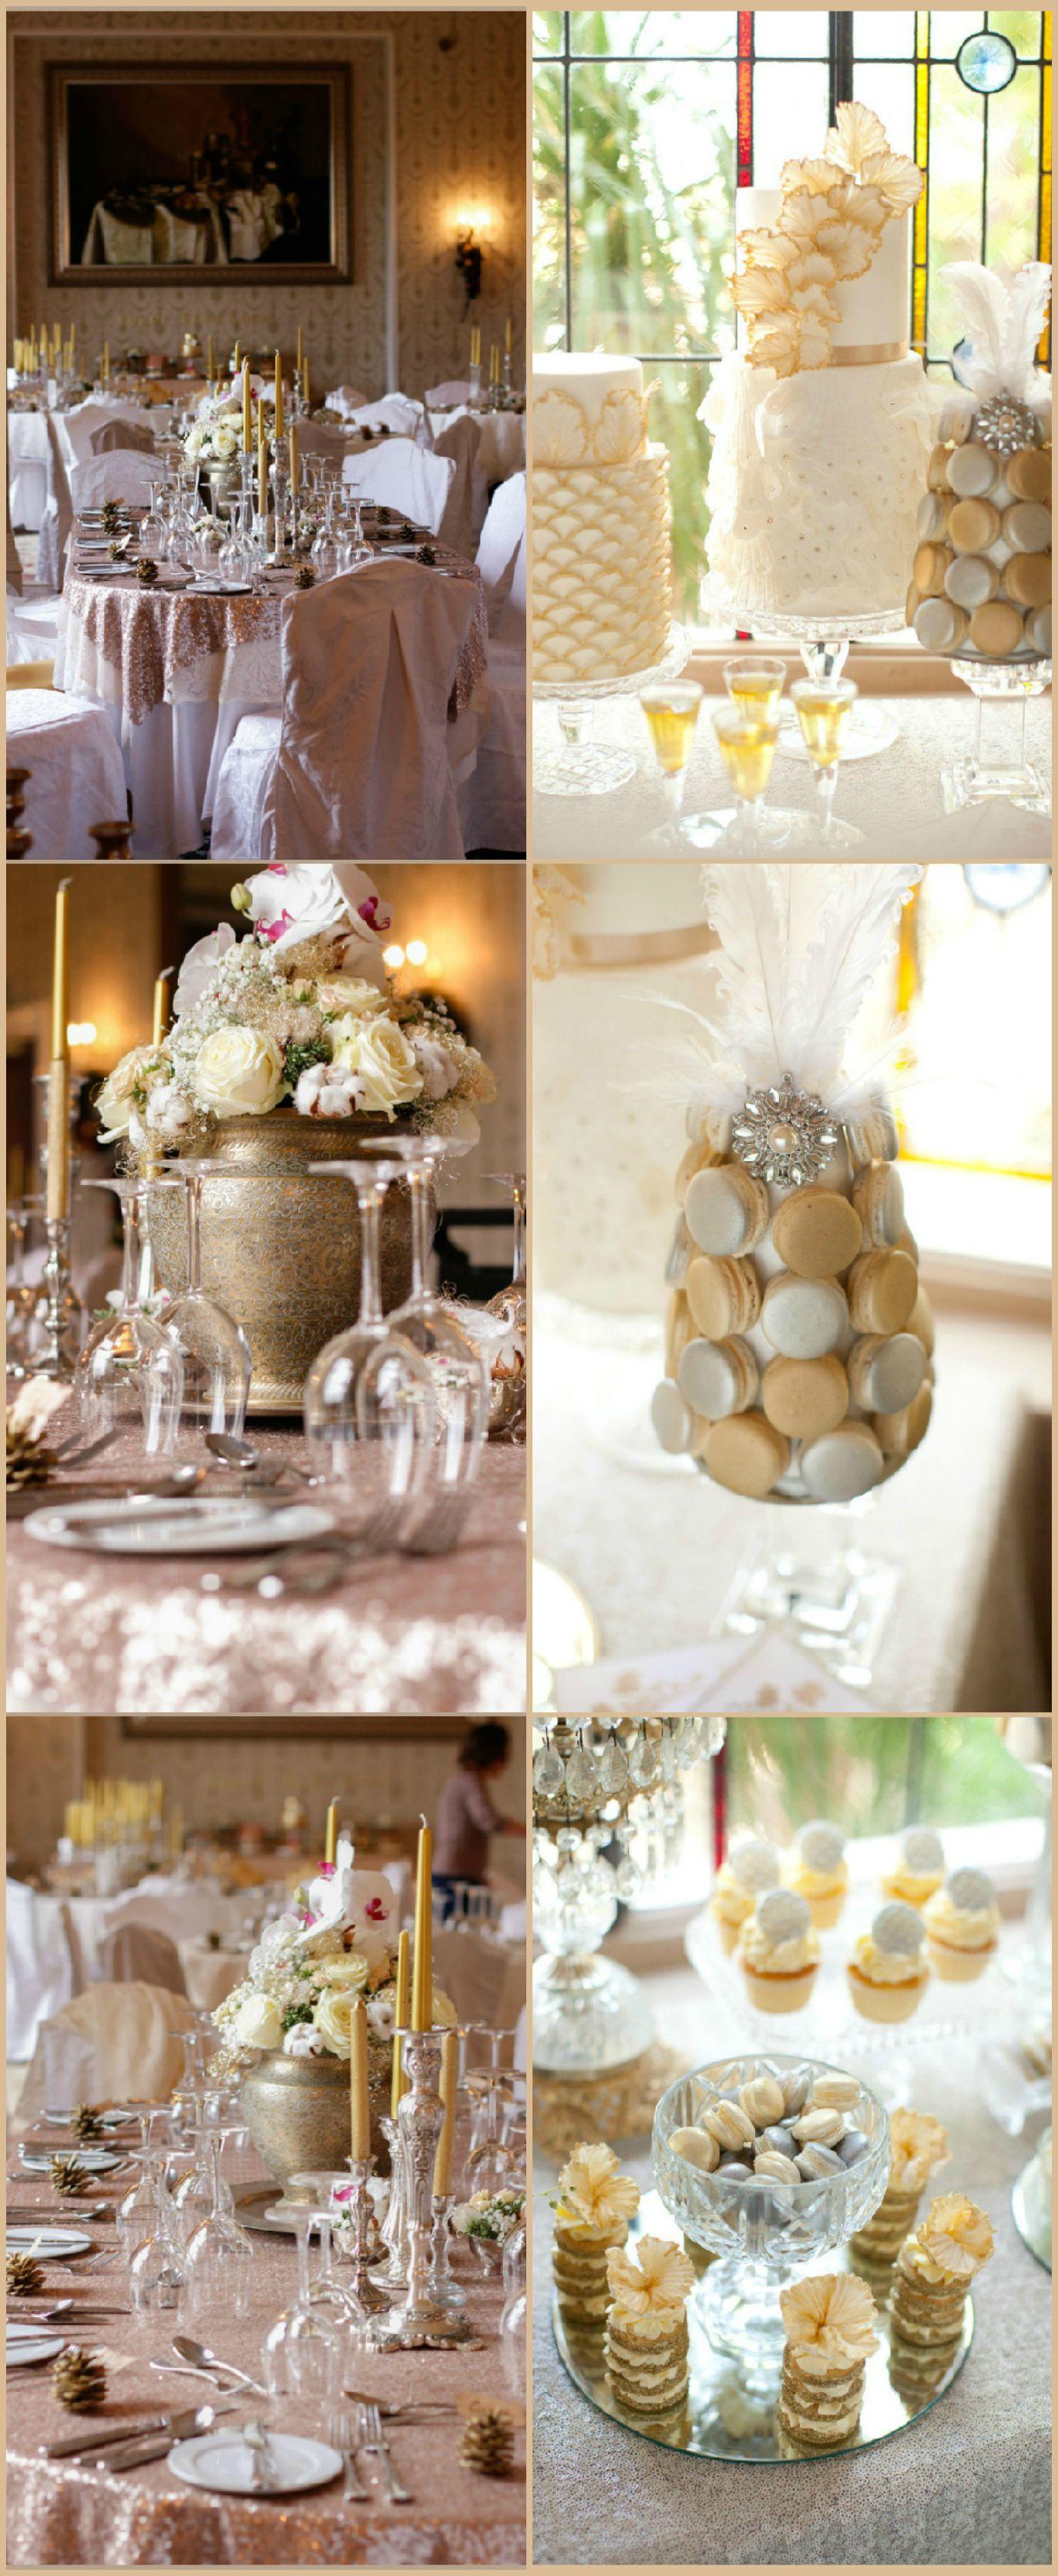 Wedding ● Tablescape & Reception Décor ● Golds